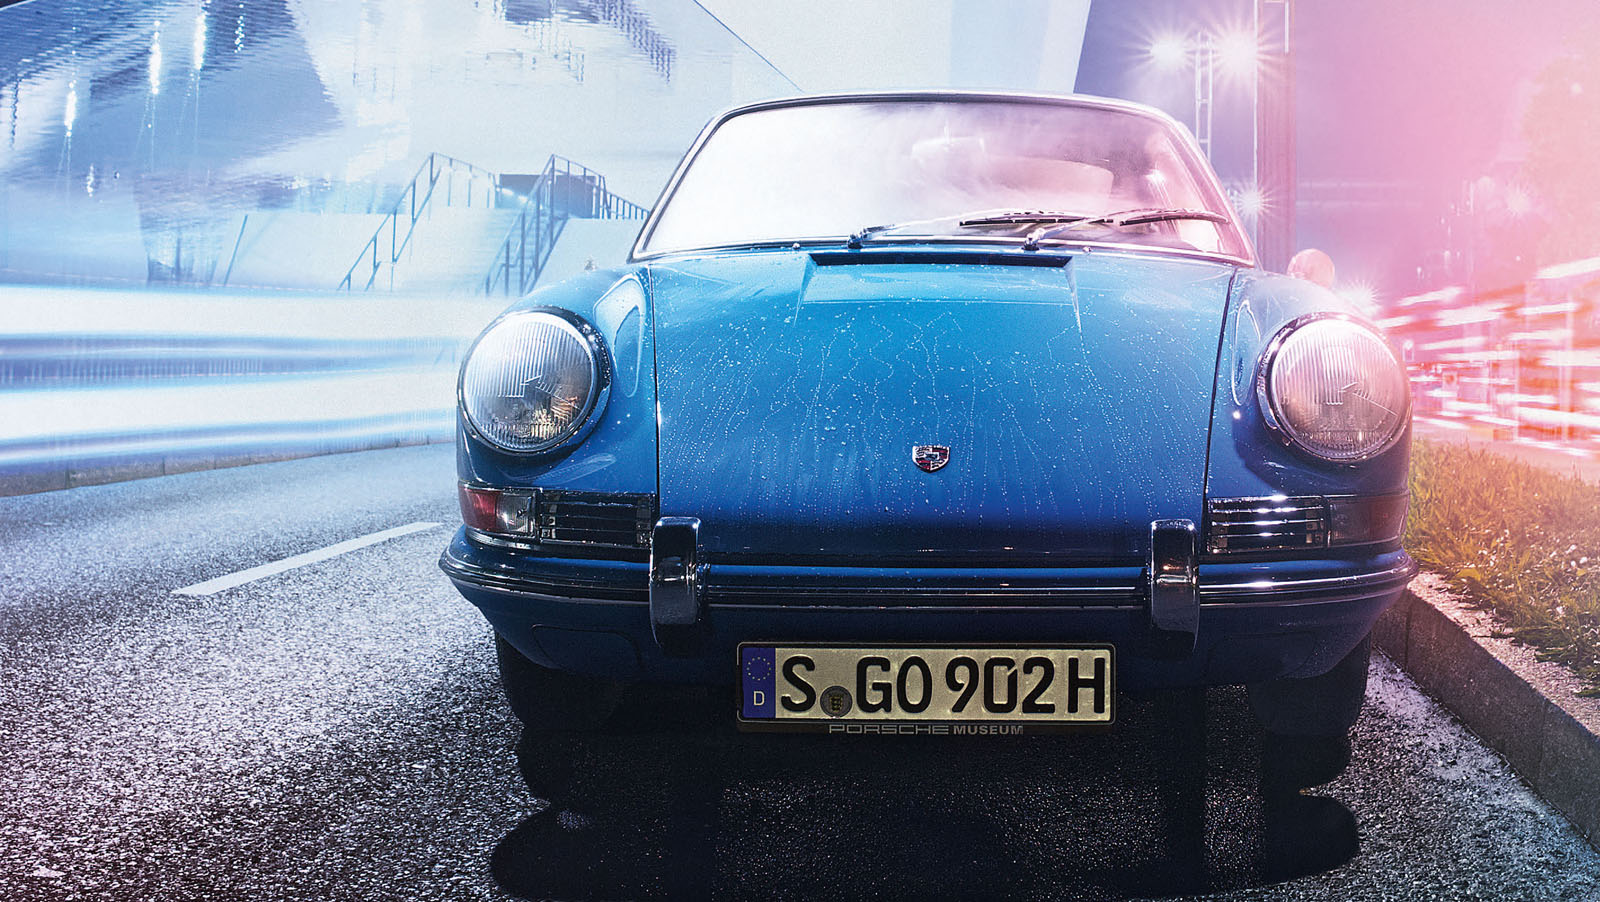 1455988_the_original_911_in_golf_blue.jpg